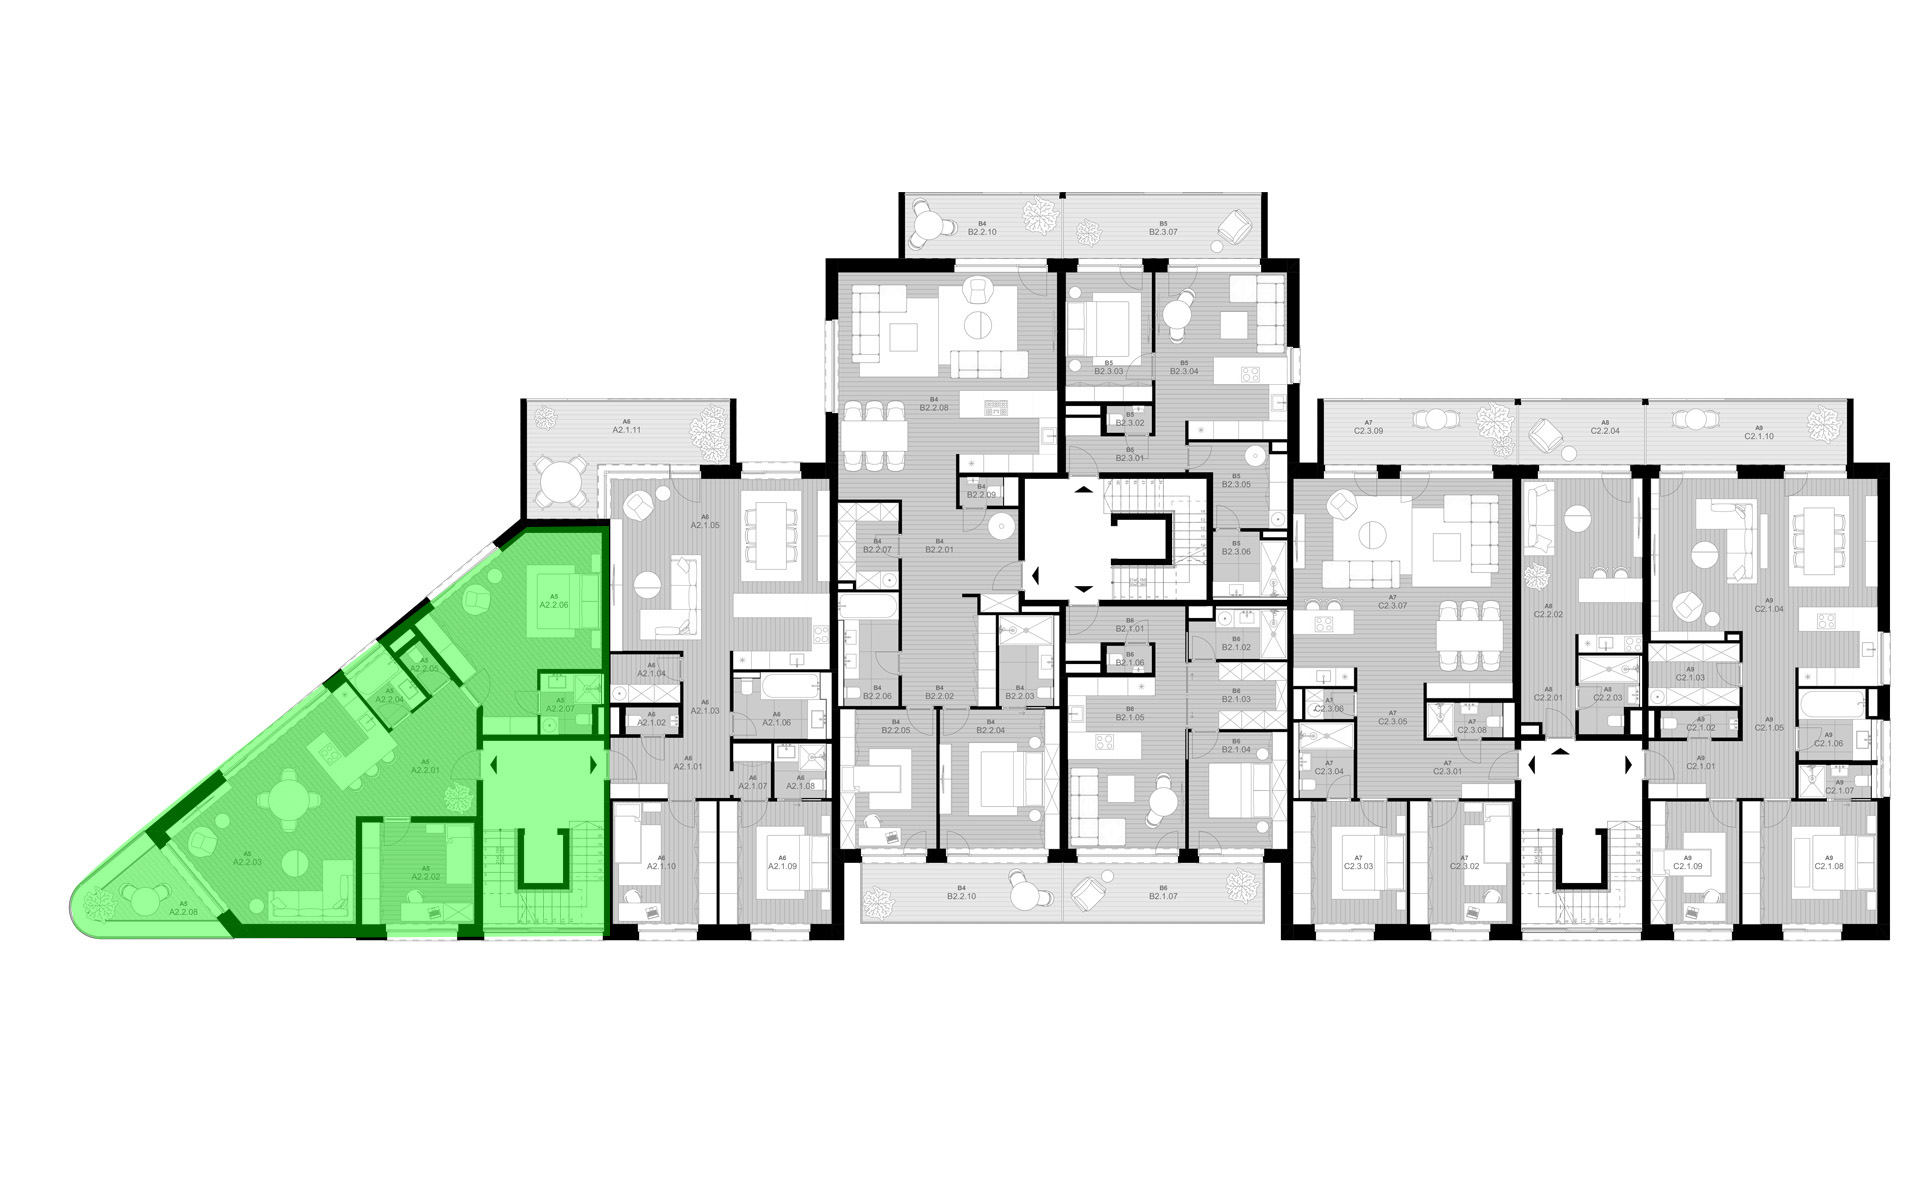 rezidencia K Železnej Studienke - pôdorys so zvýraznením apartmánu A2.2